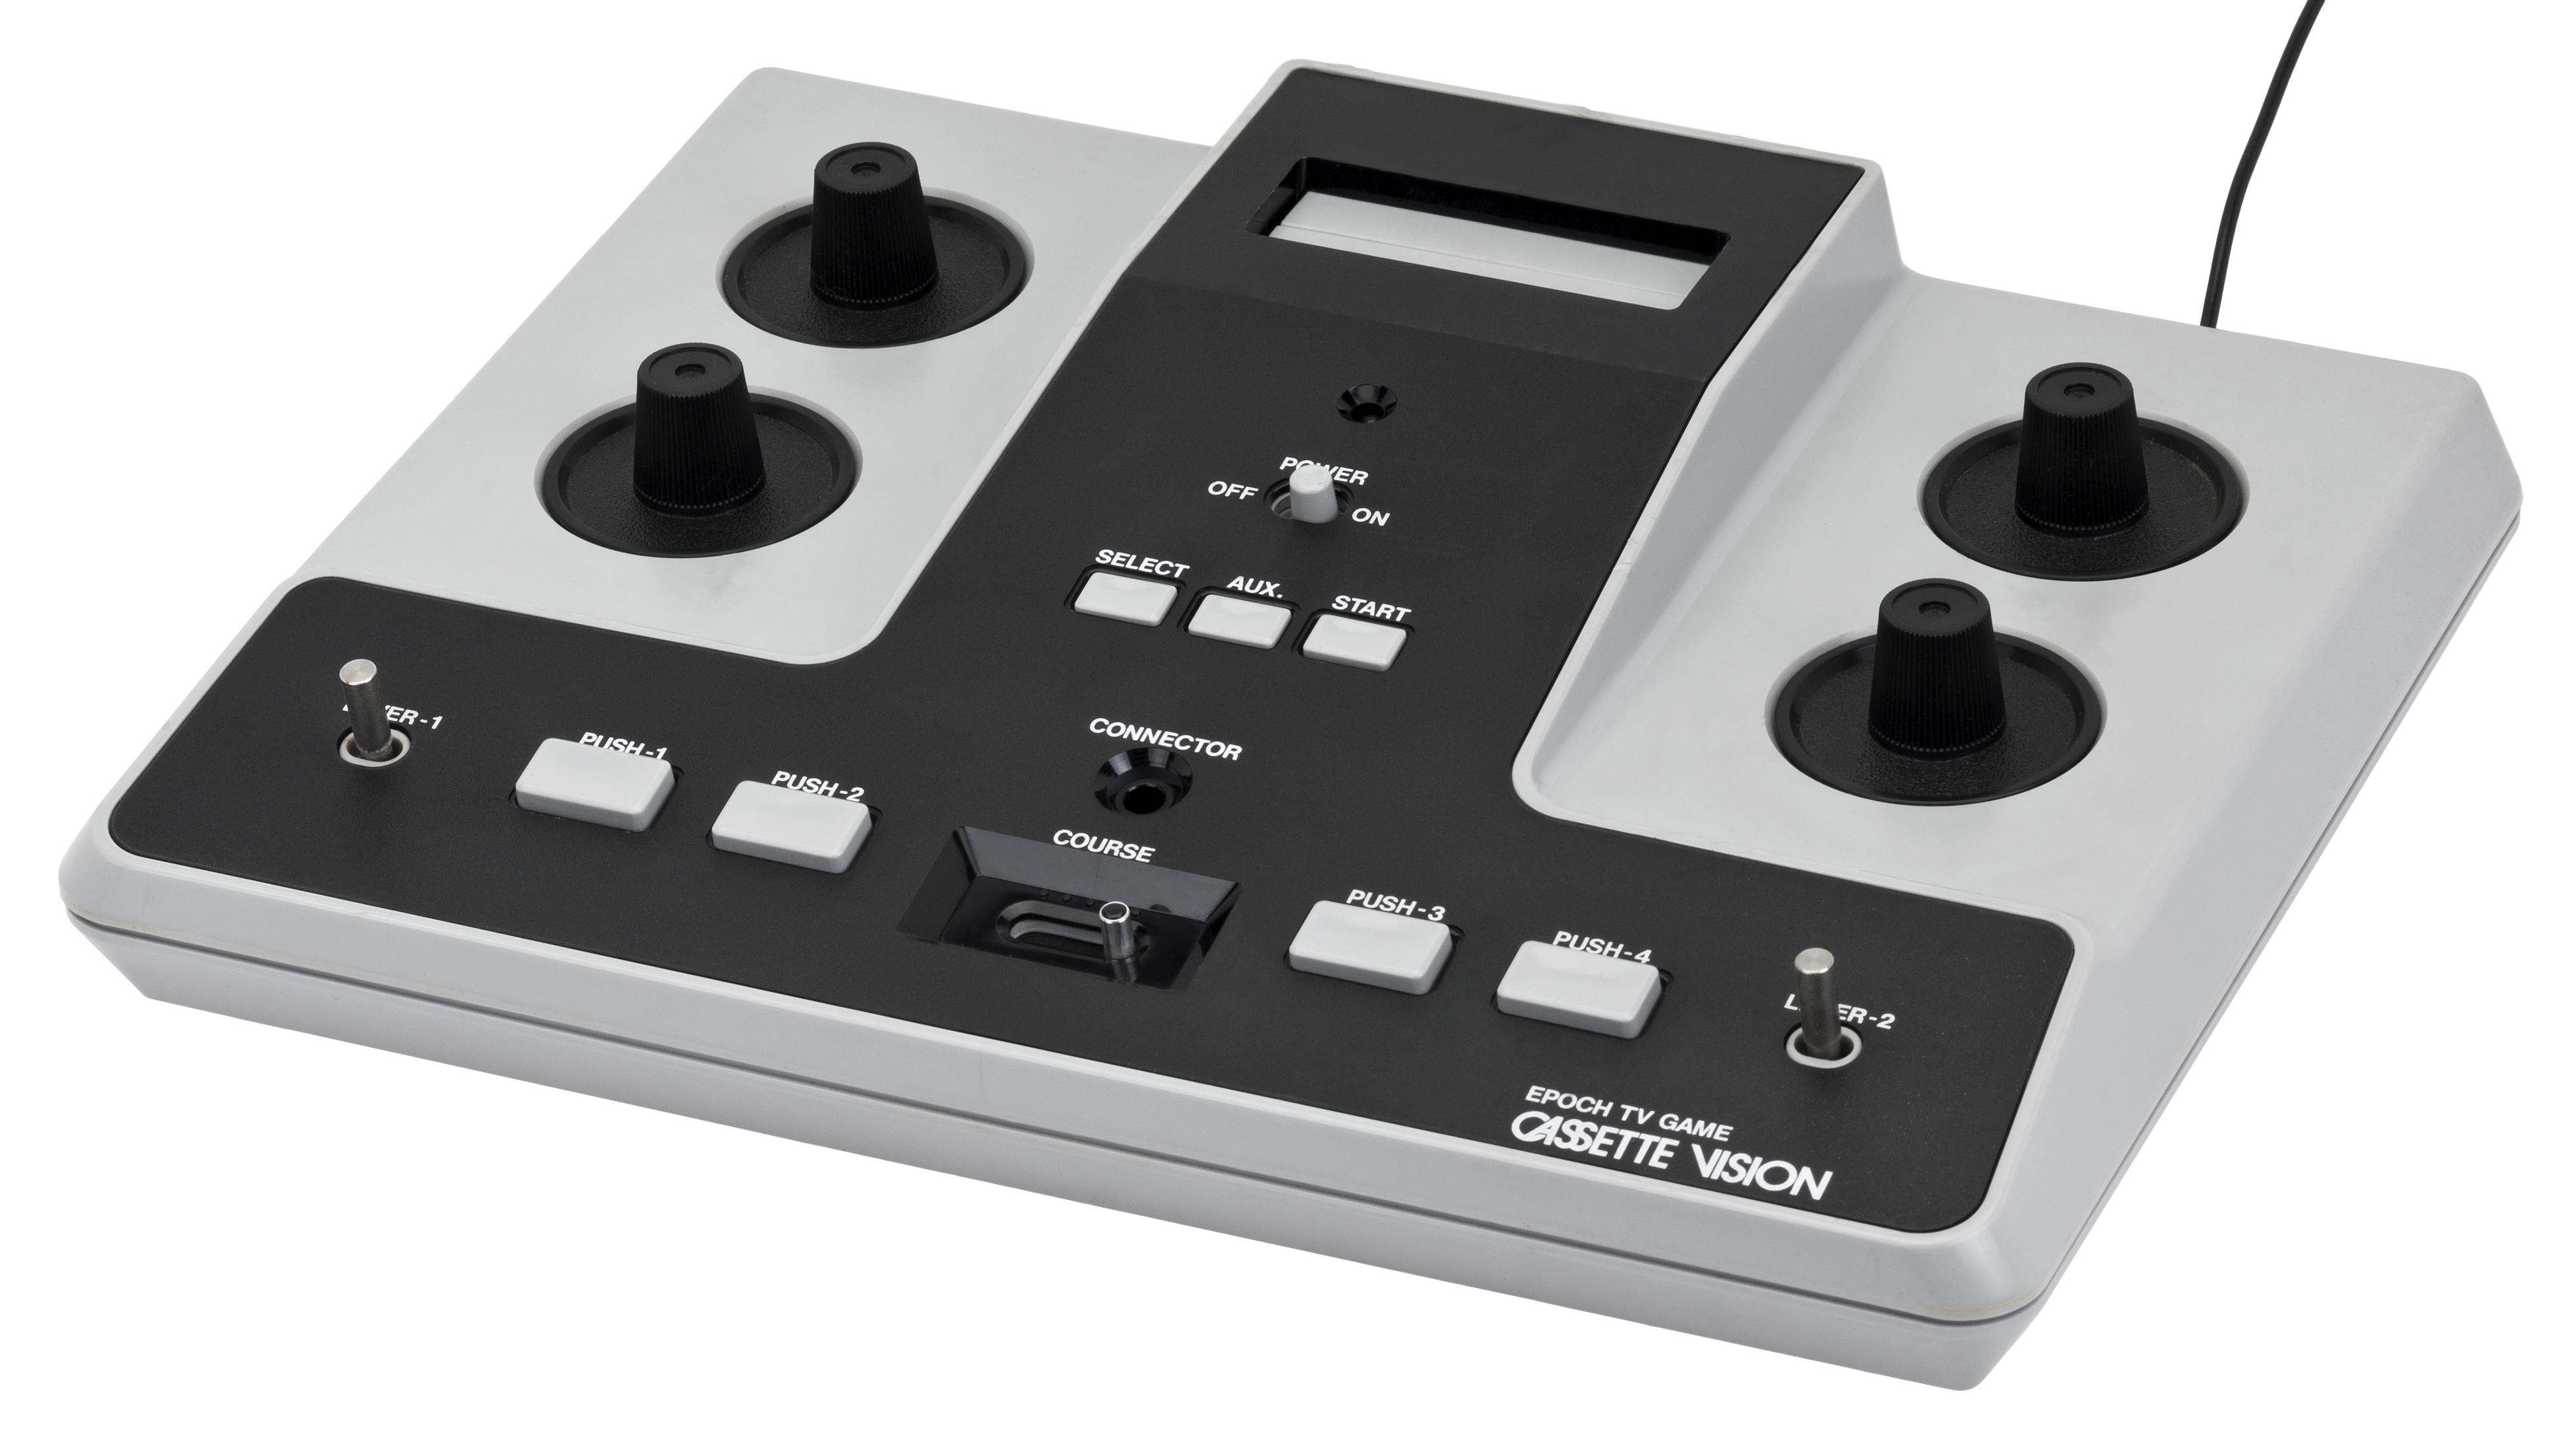 emulateur epoch Epoch-Cassette-Vision-Console